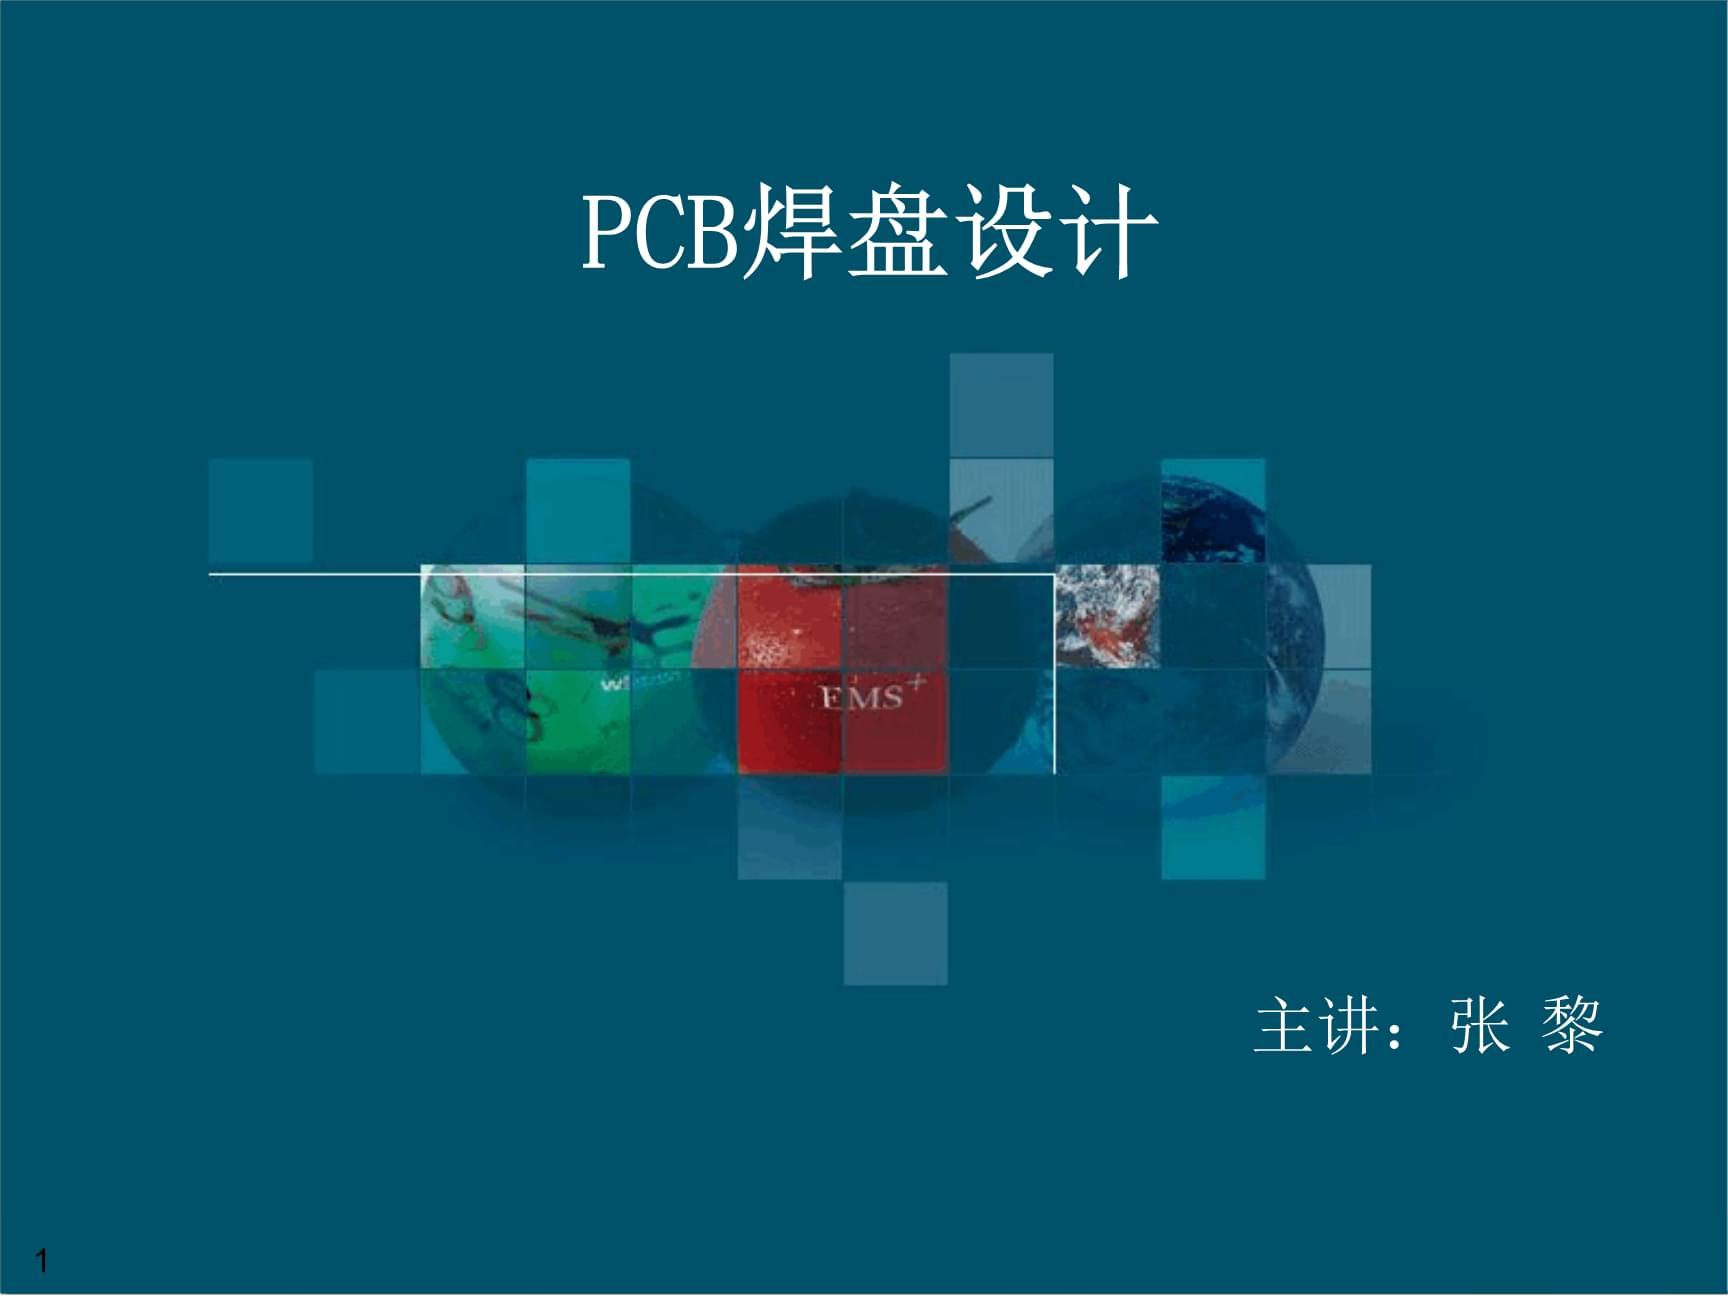 pcb焊盘设计解析.ppt